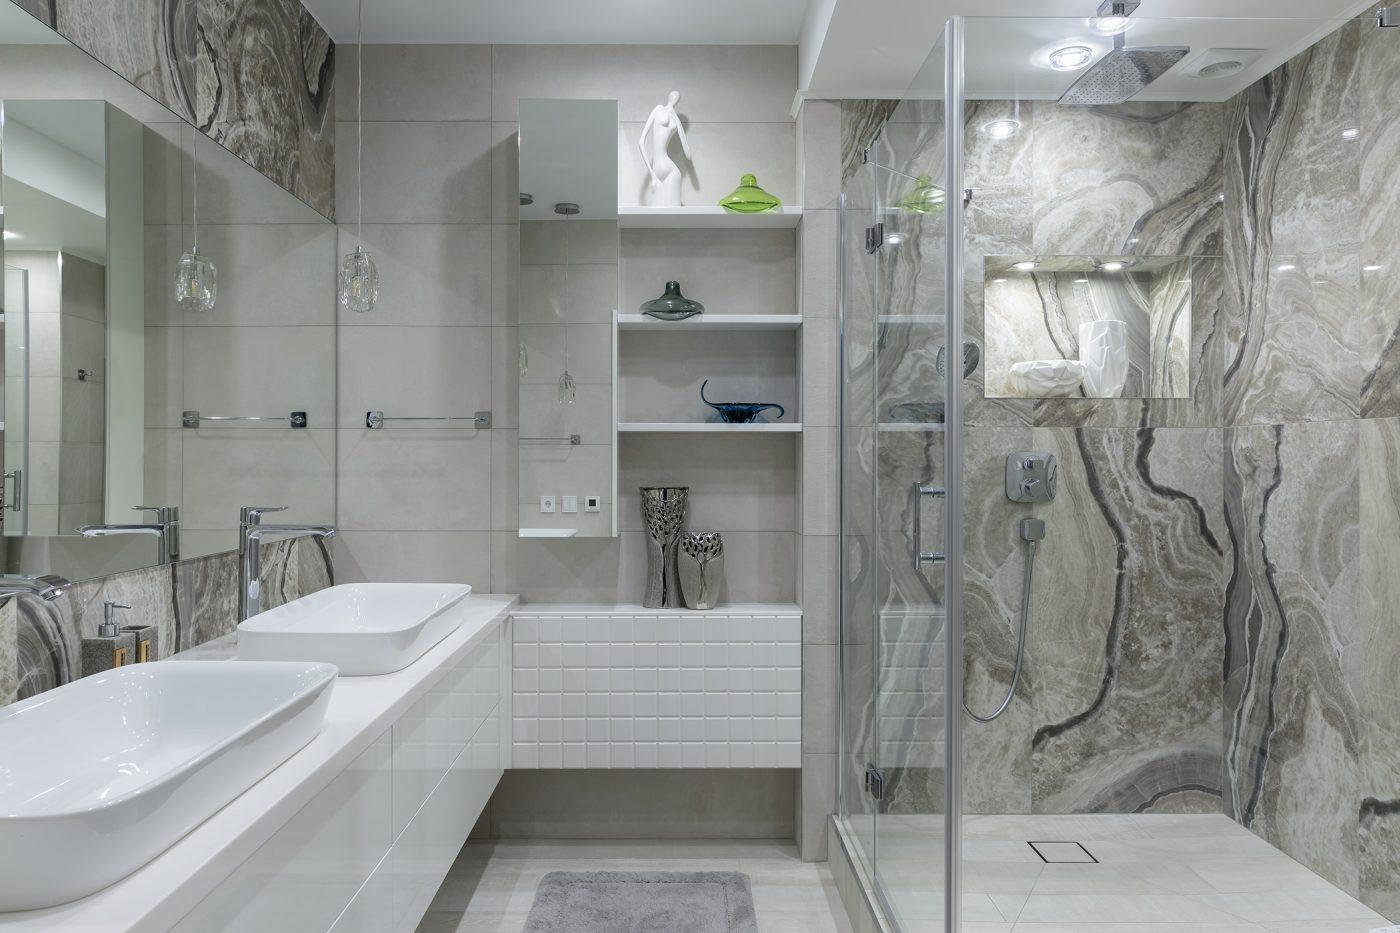 Дизайн интерьера ванной с двумя раковинами и душевой кабиной